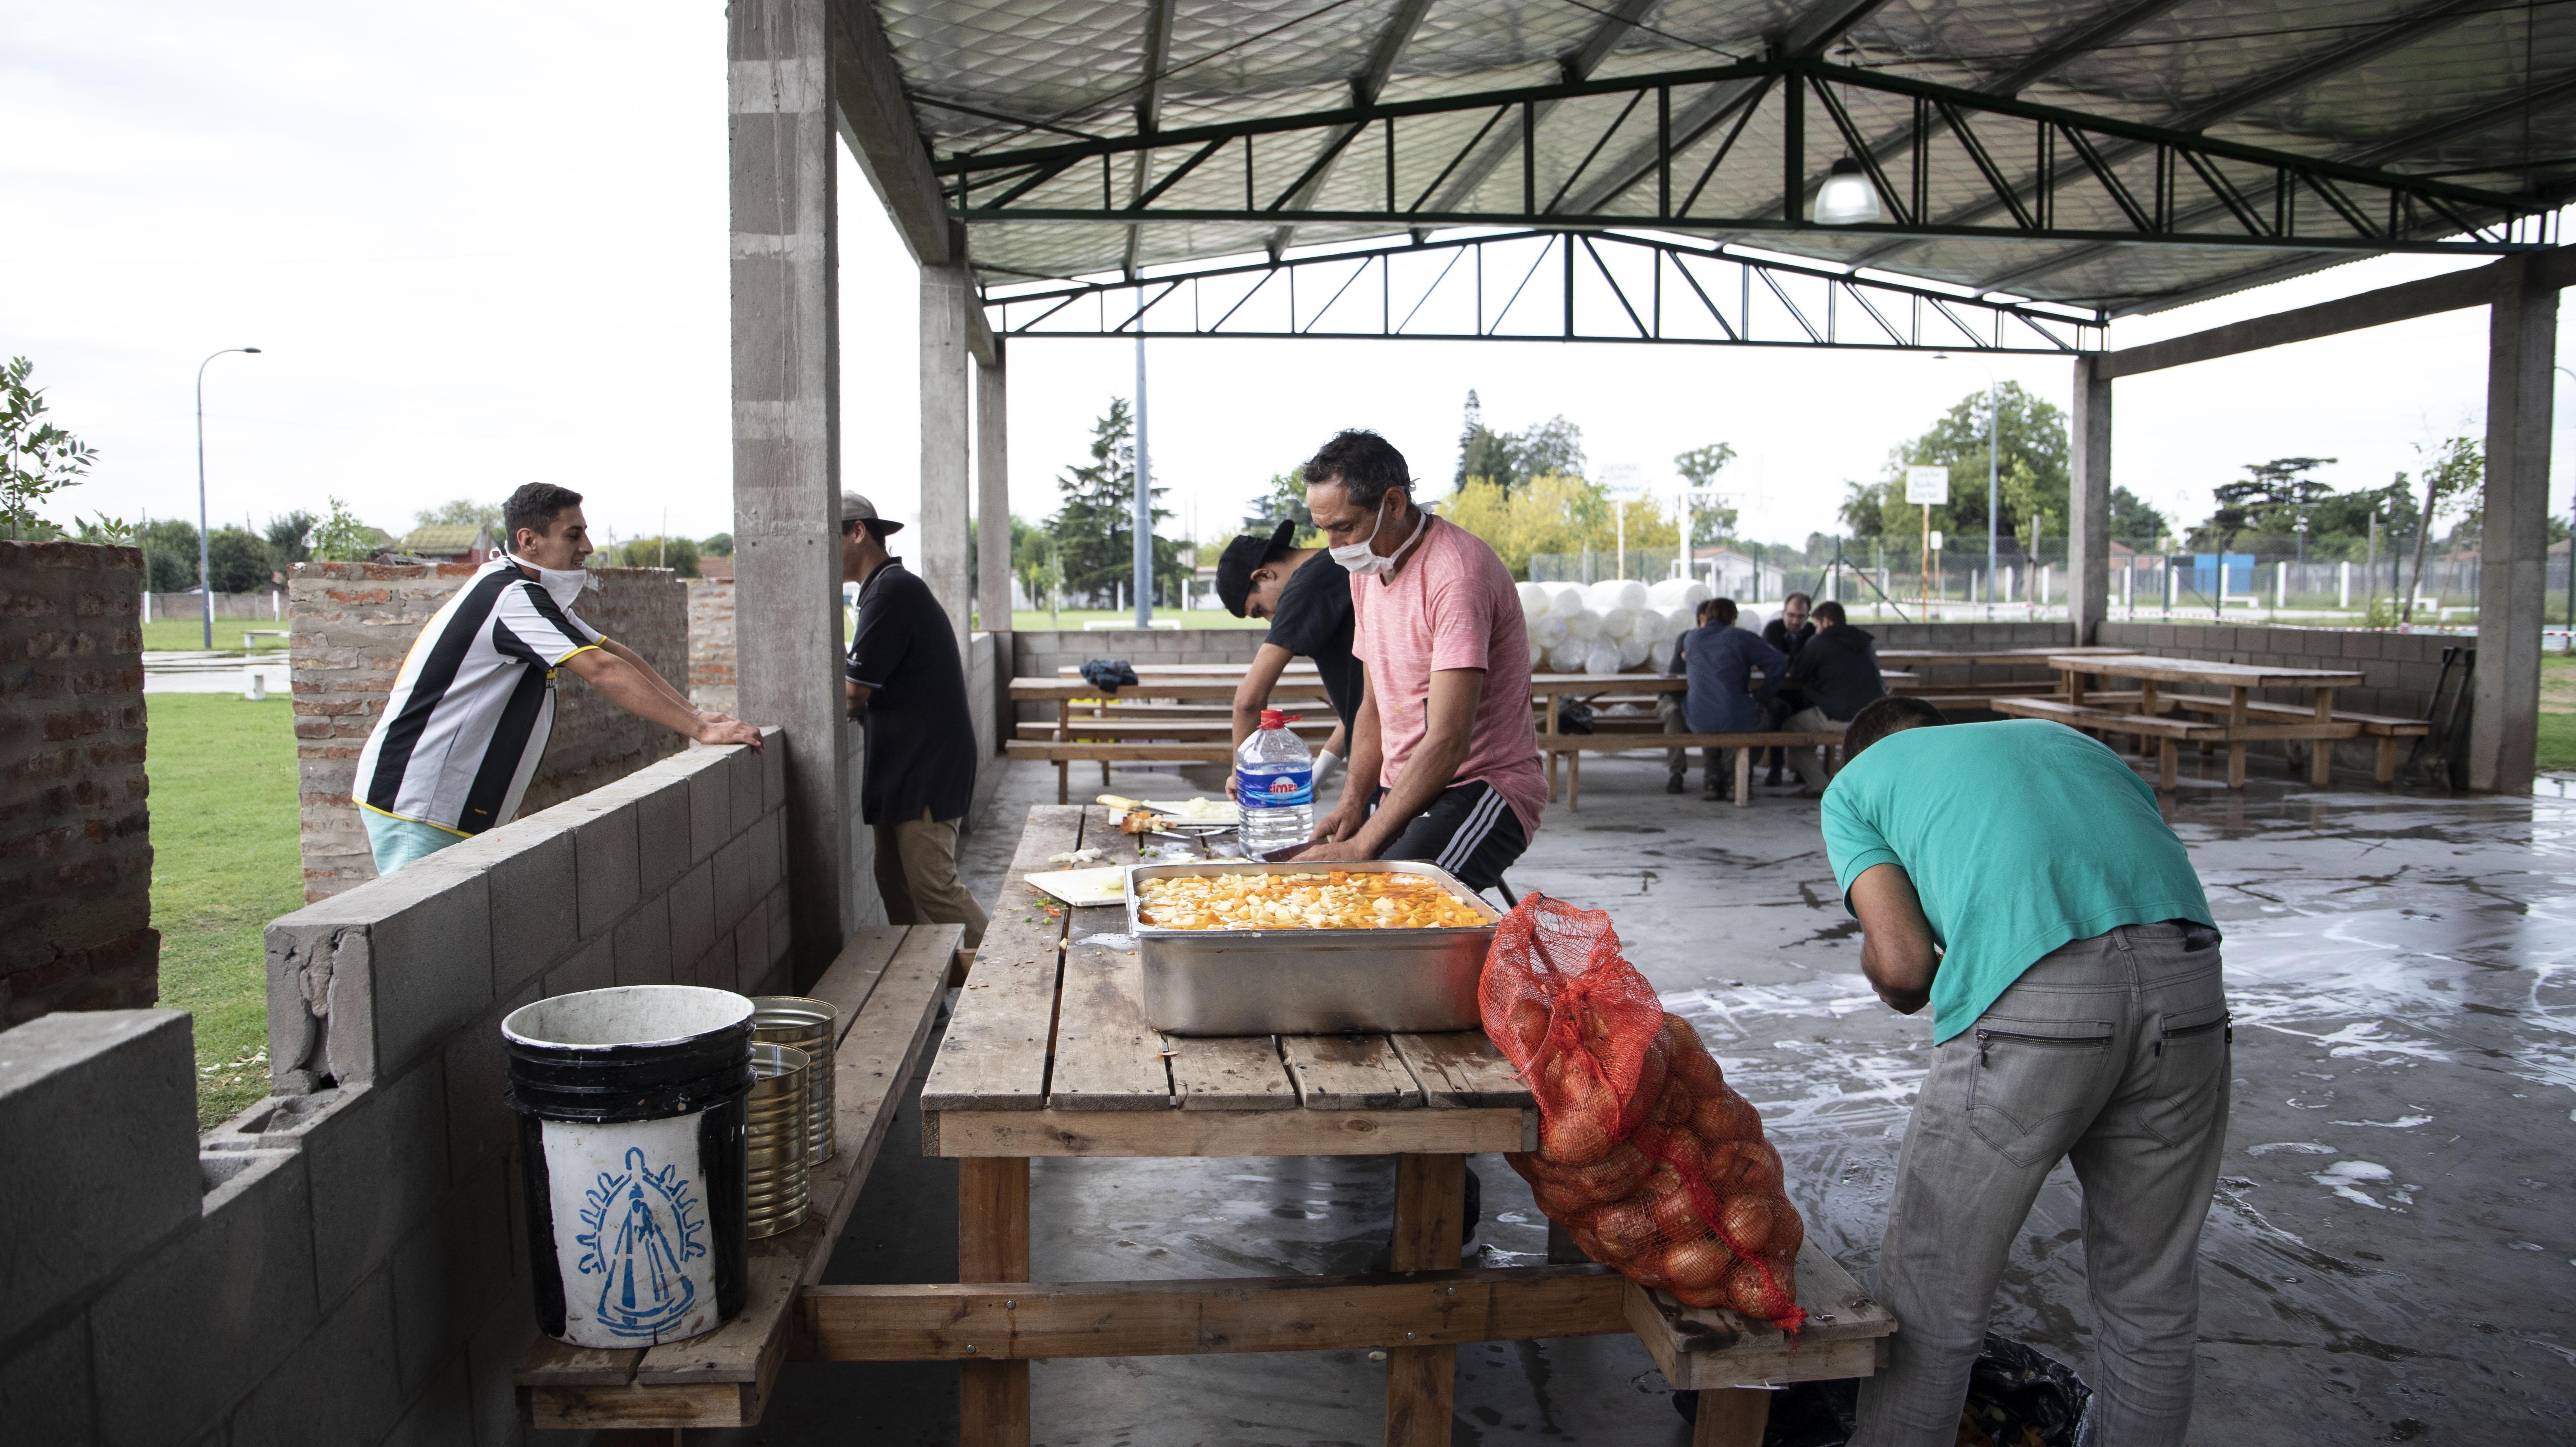 Los cocineros estuvieron largas horas preparando los platos para los vecinos de La Matanza